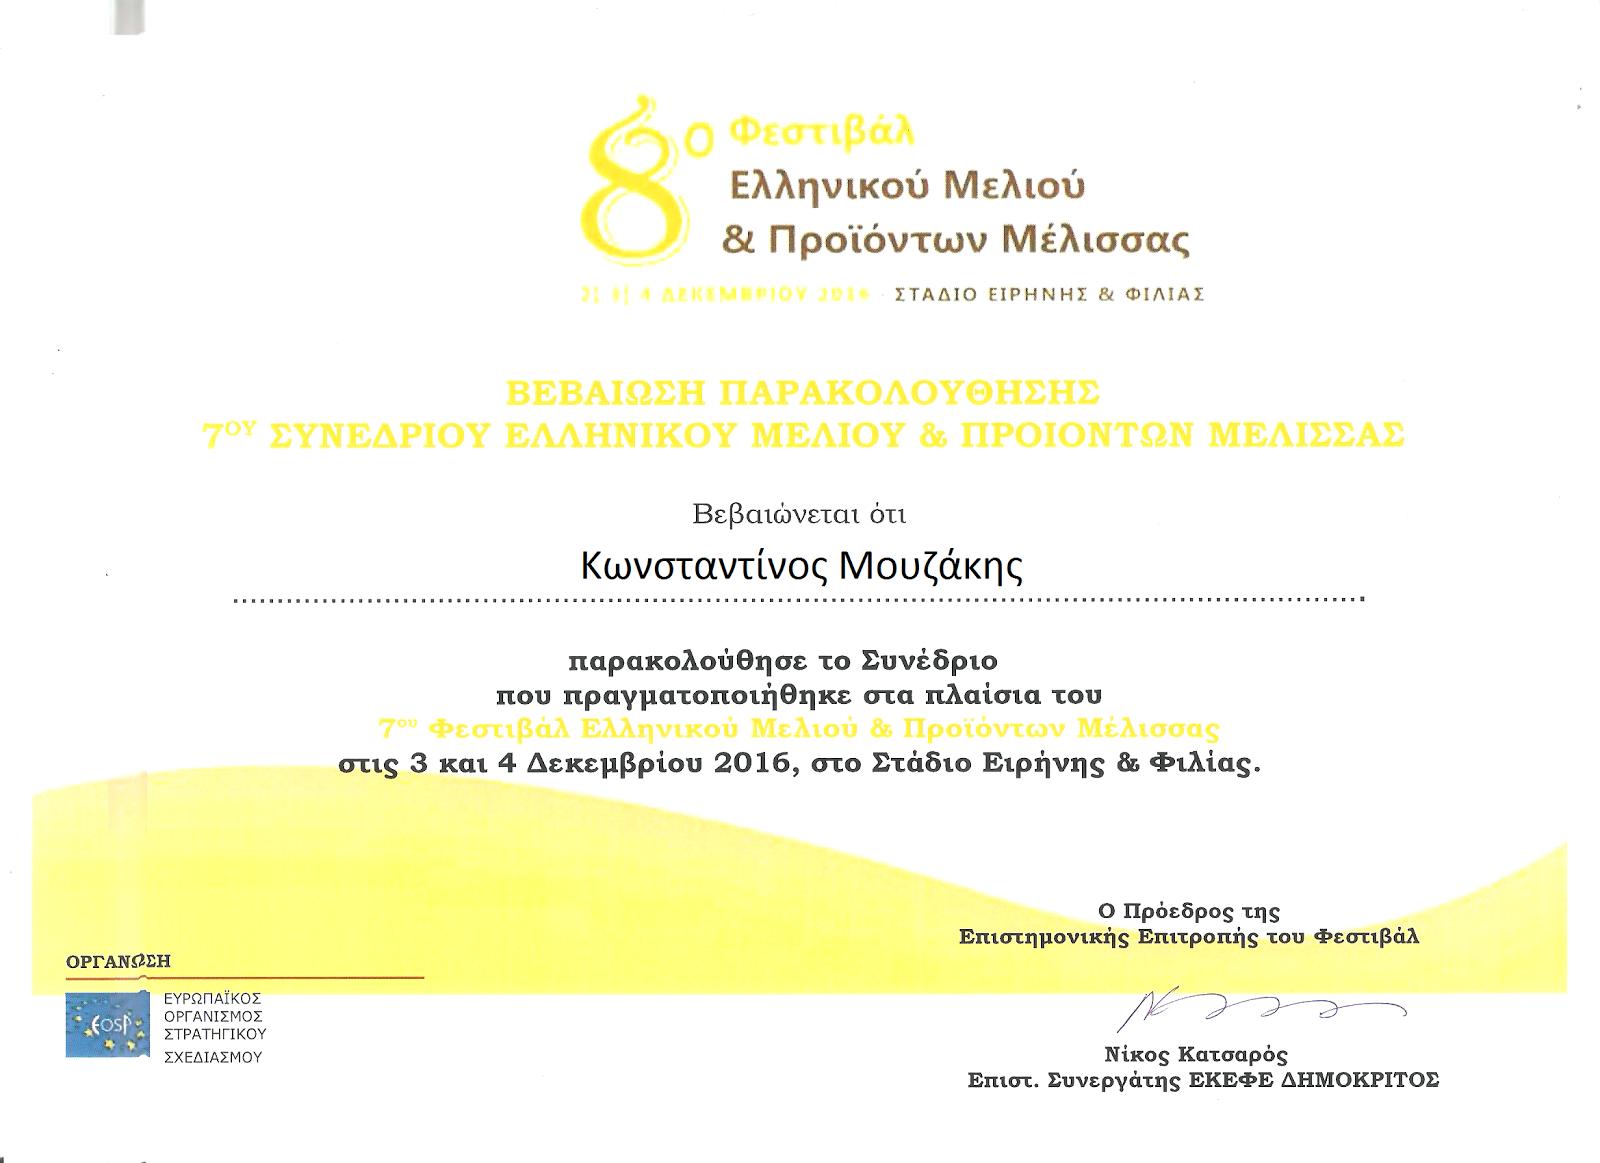 7ο Συνέδριο Μελιού και Προϊόντα του